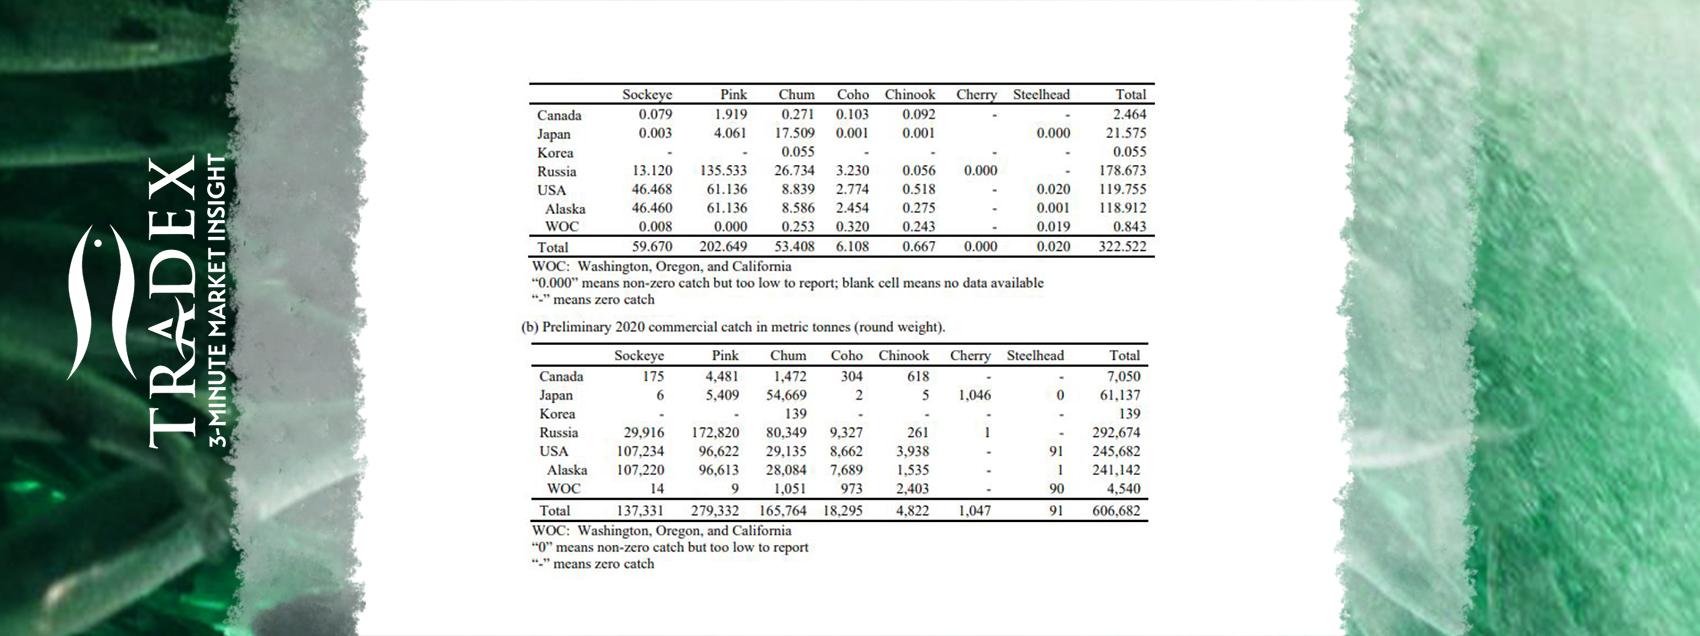 Sockeye and Chum Stats